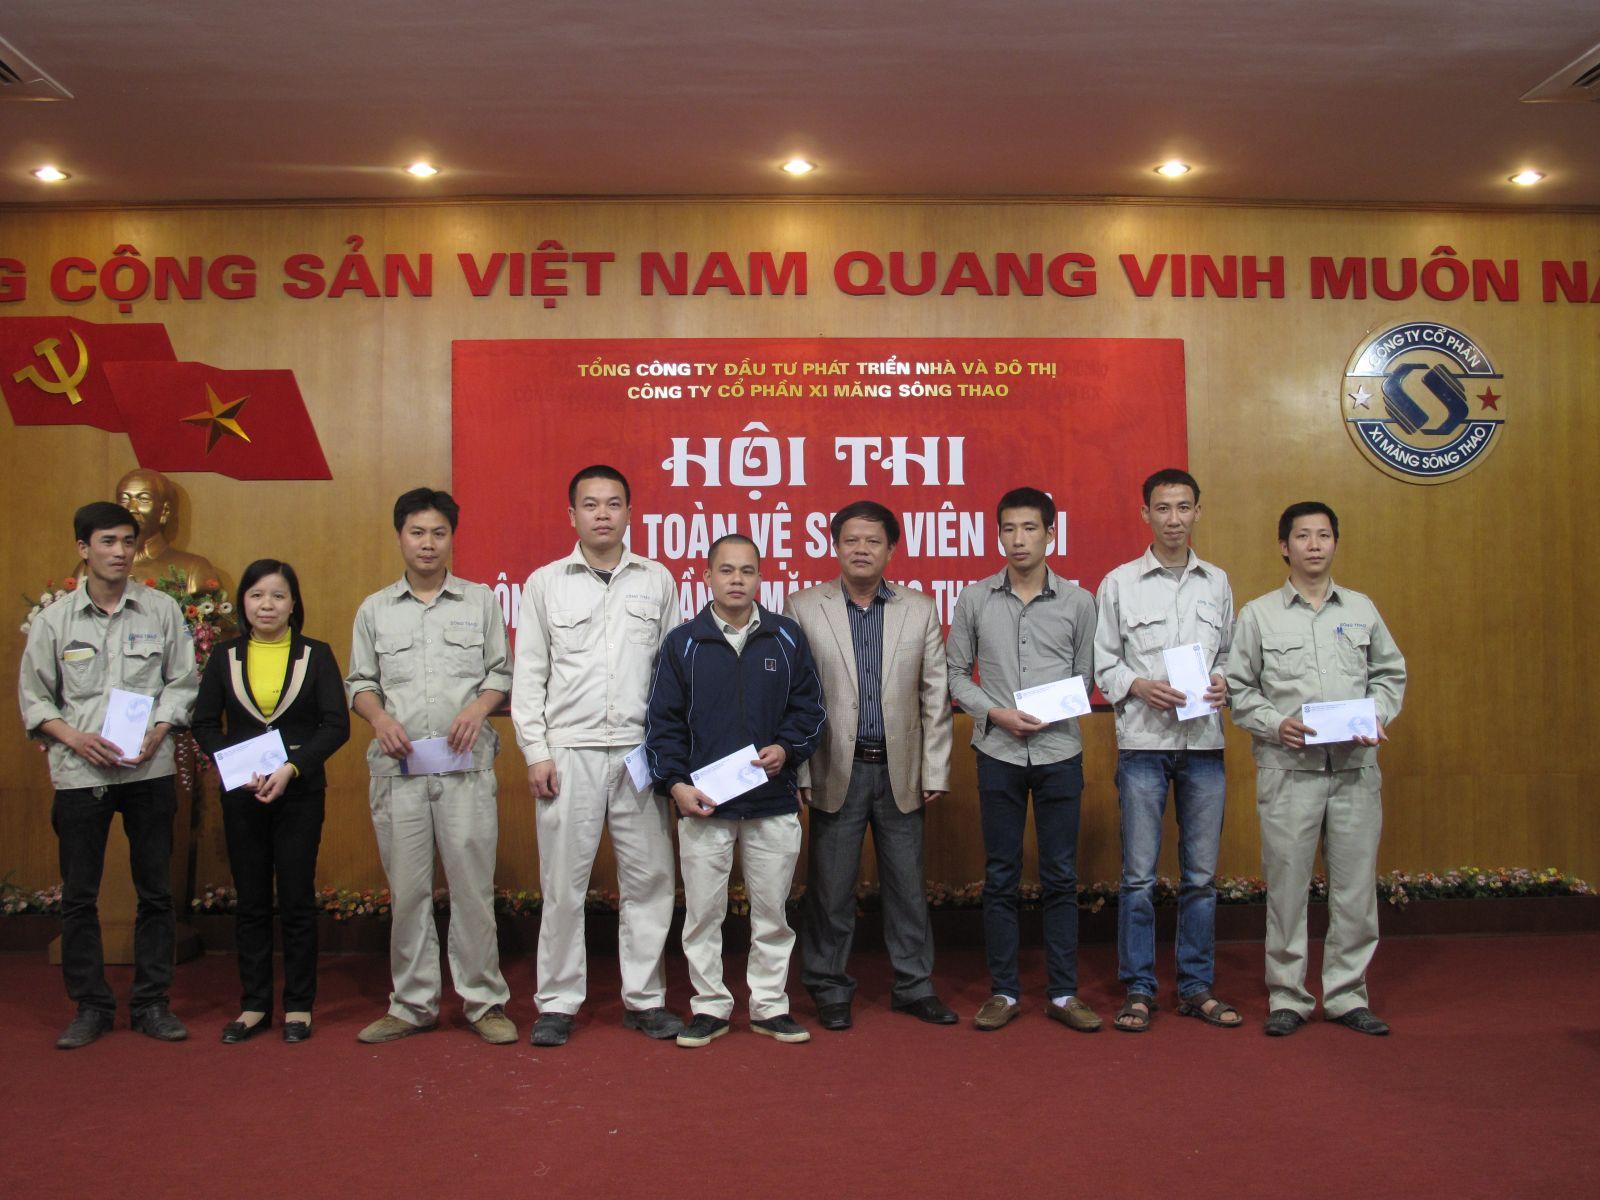 Hội thi An toàn vệ sinh viên giỏi năm 2014